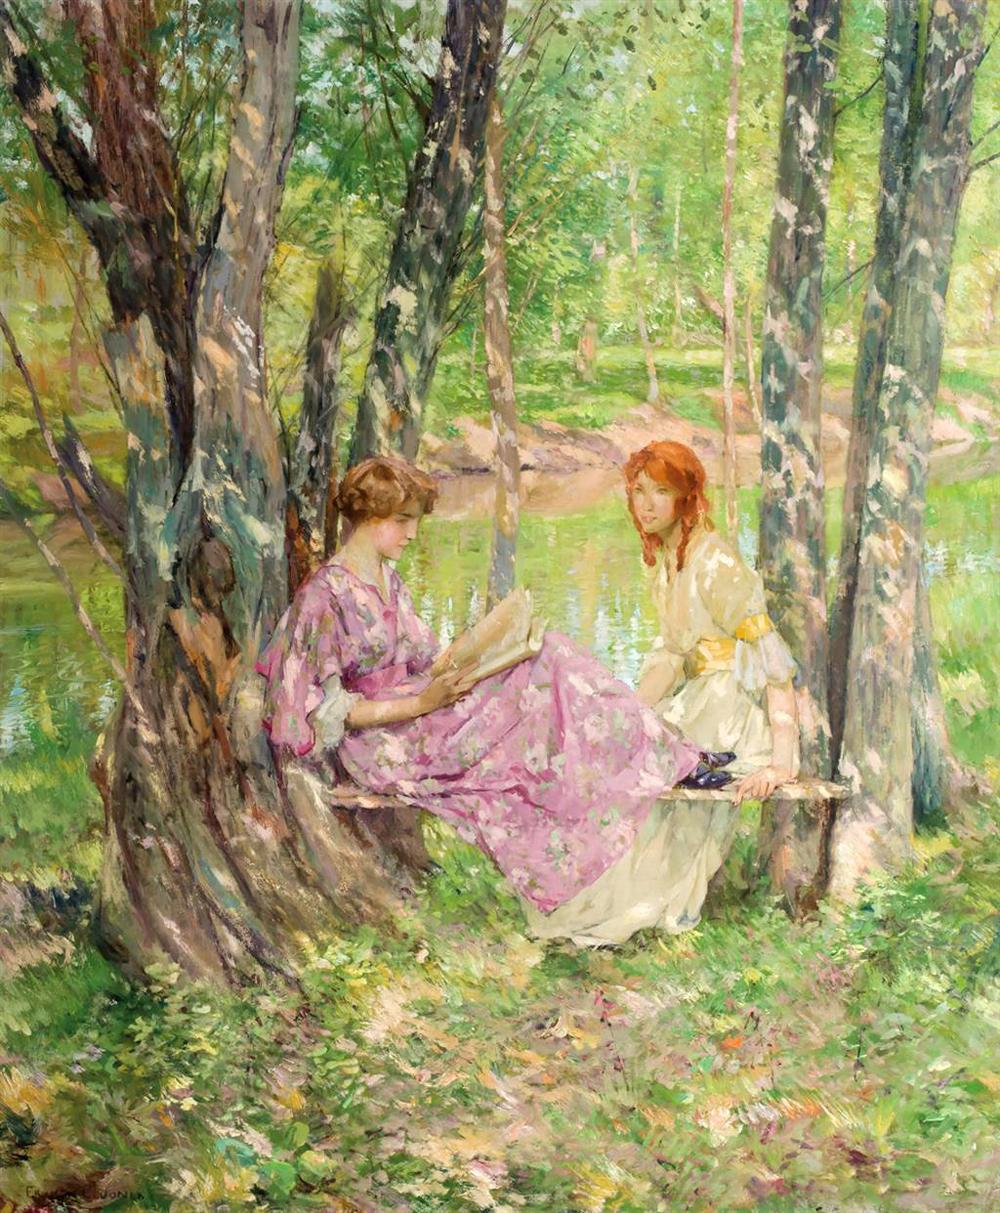 Two_Women_in_a_Garden_by_Francis_Coates_Jones.jpg